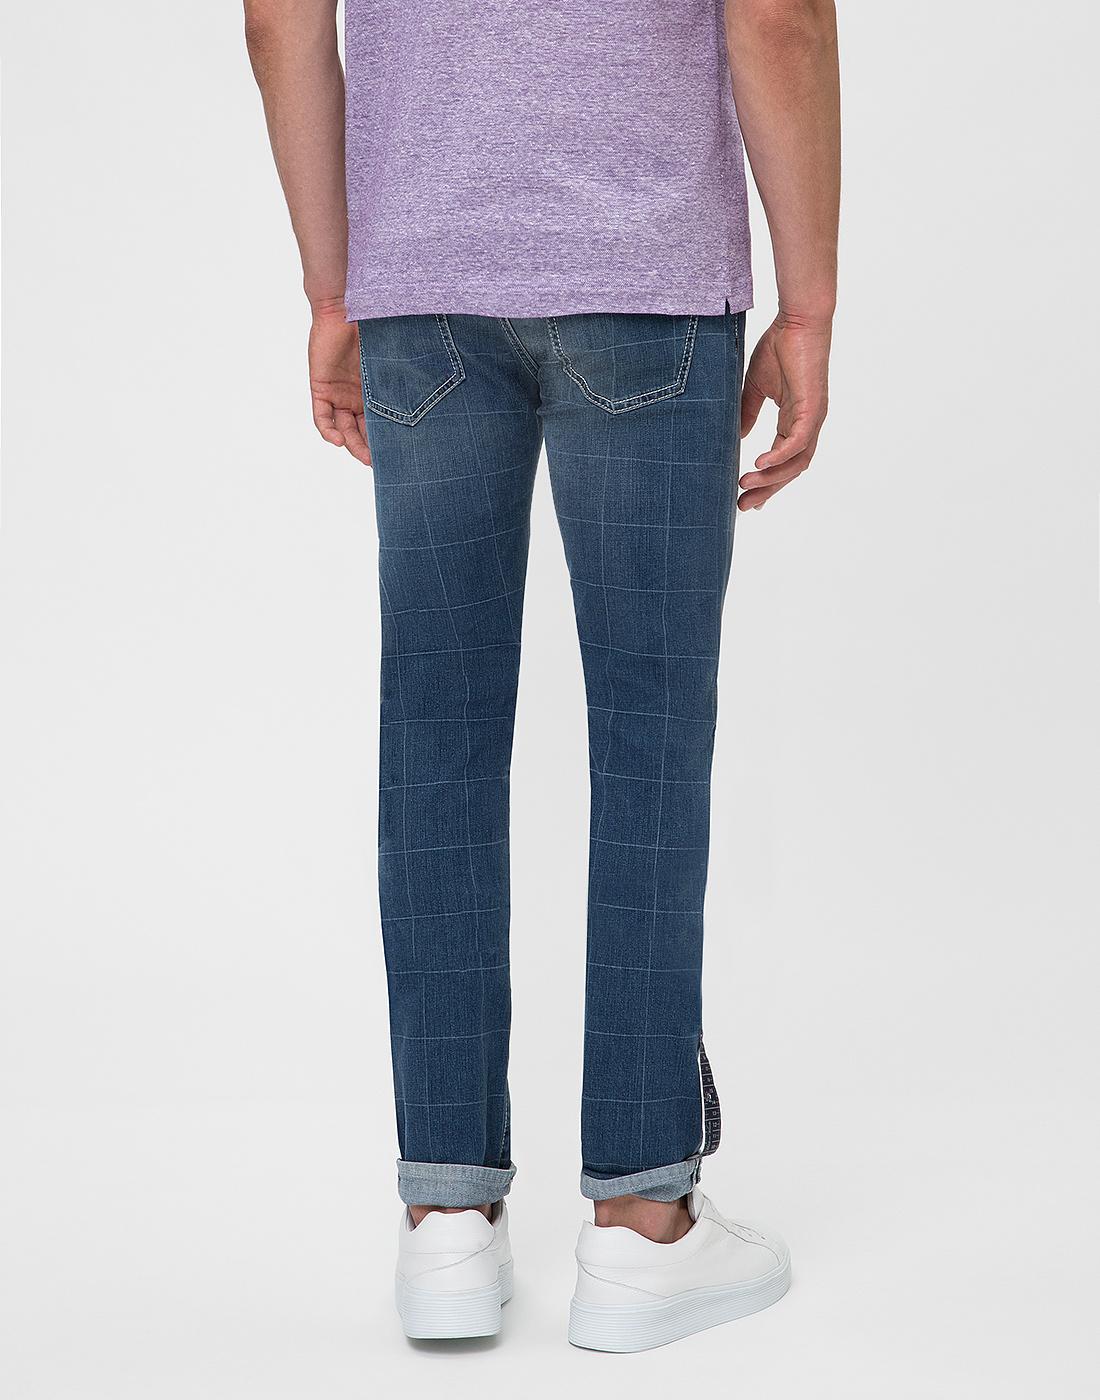 Мужские синие джинсы Leonardo Tramarossa SD361 L2-5